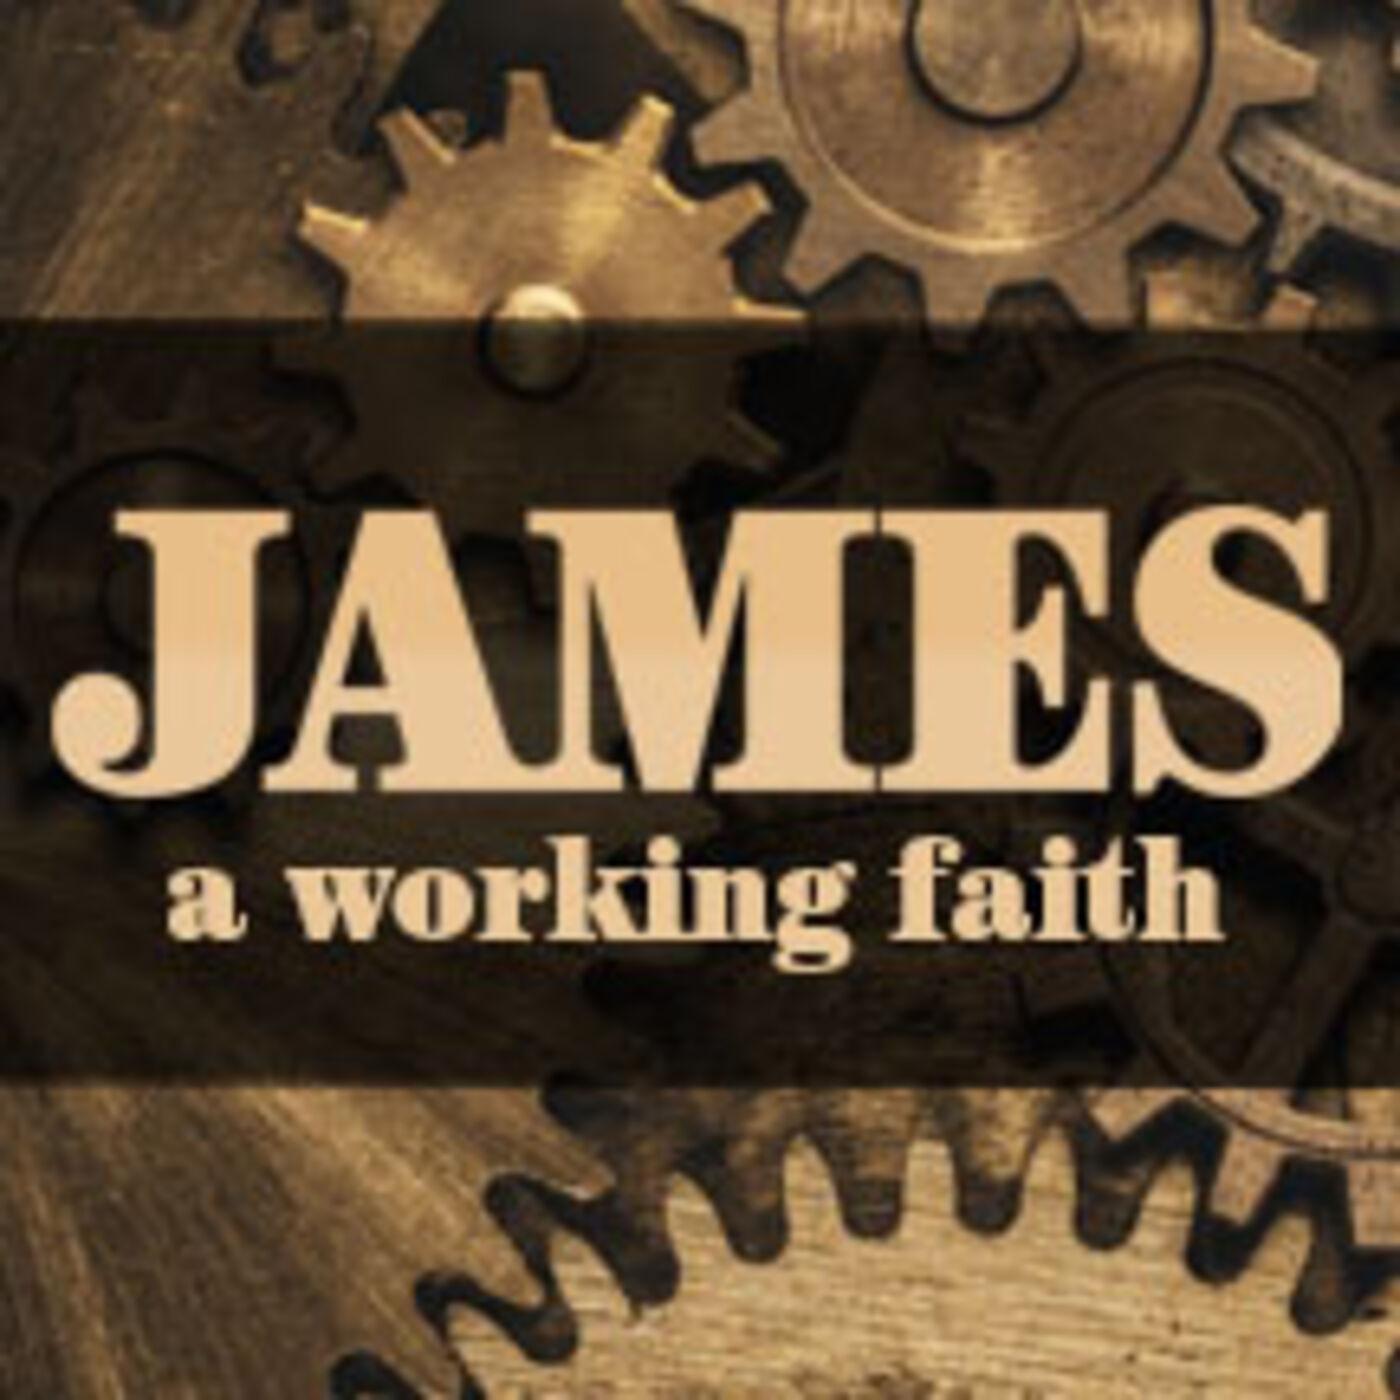 Nov. 22: Faith & Suffering, Pt. 2